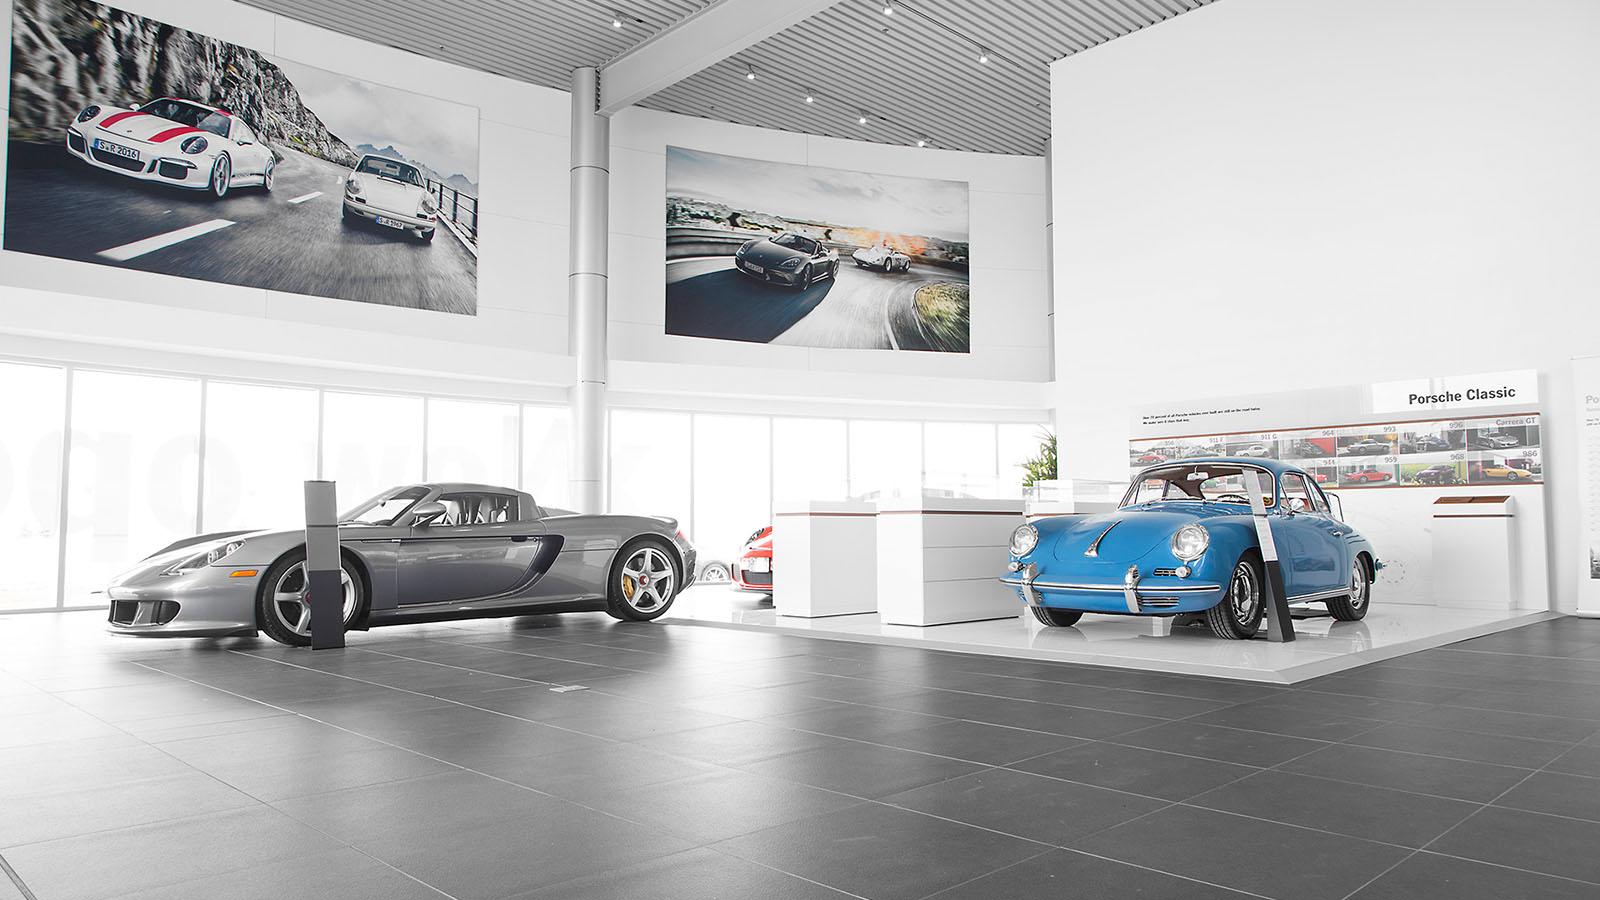 Pfaff Porsche